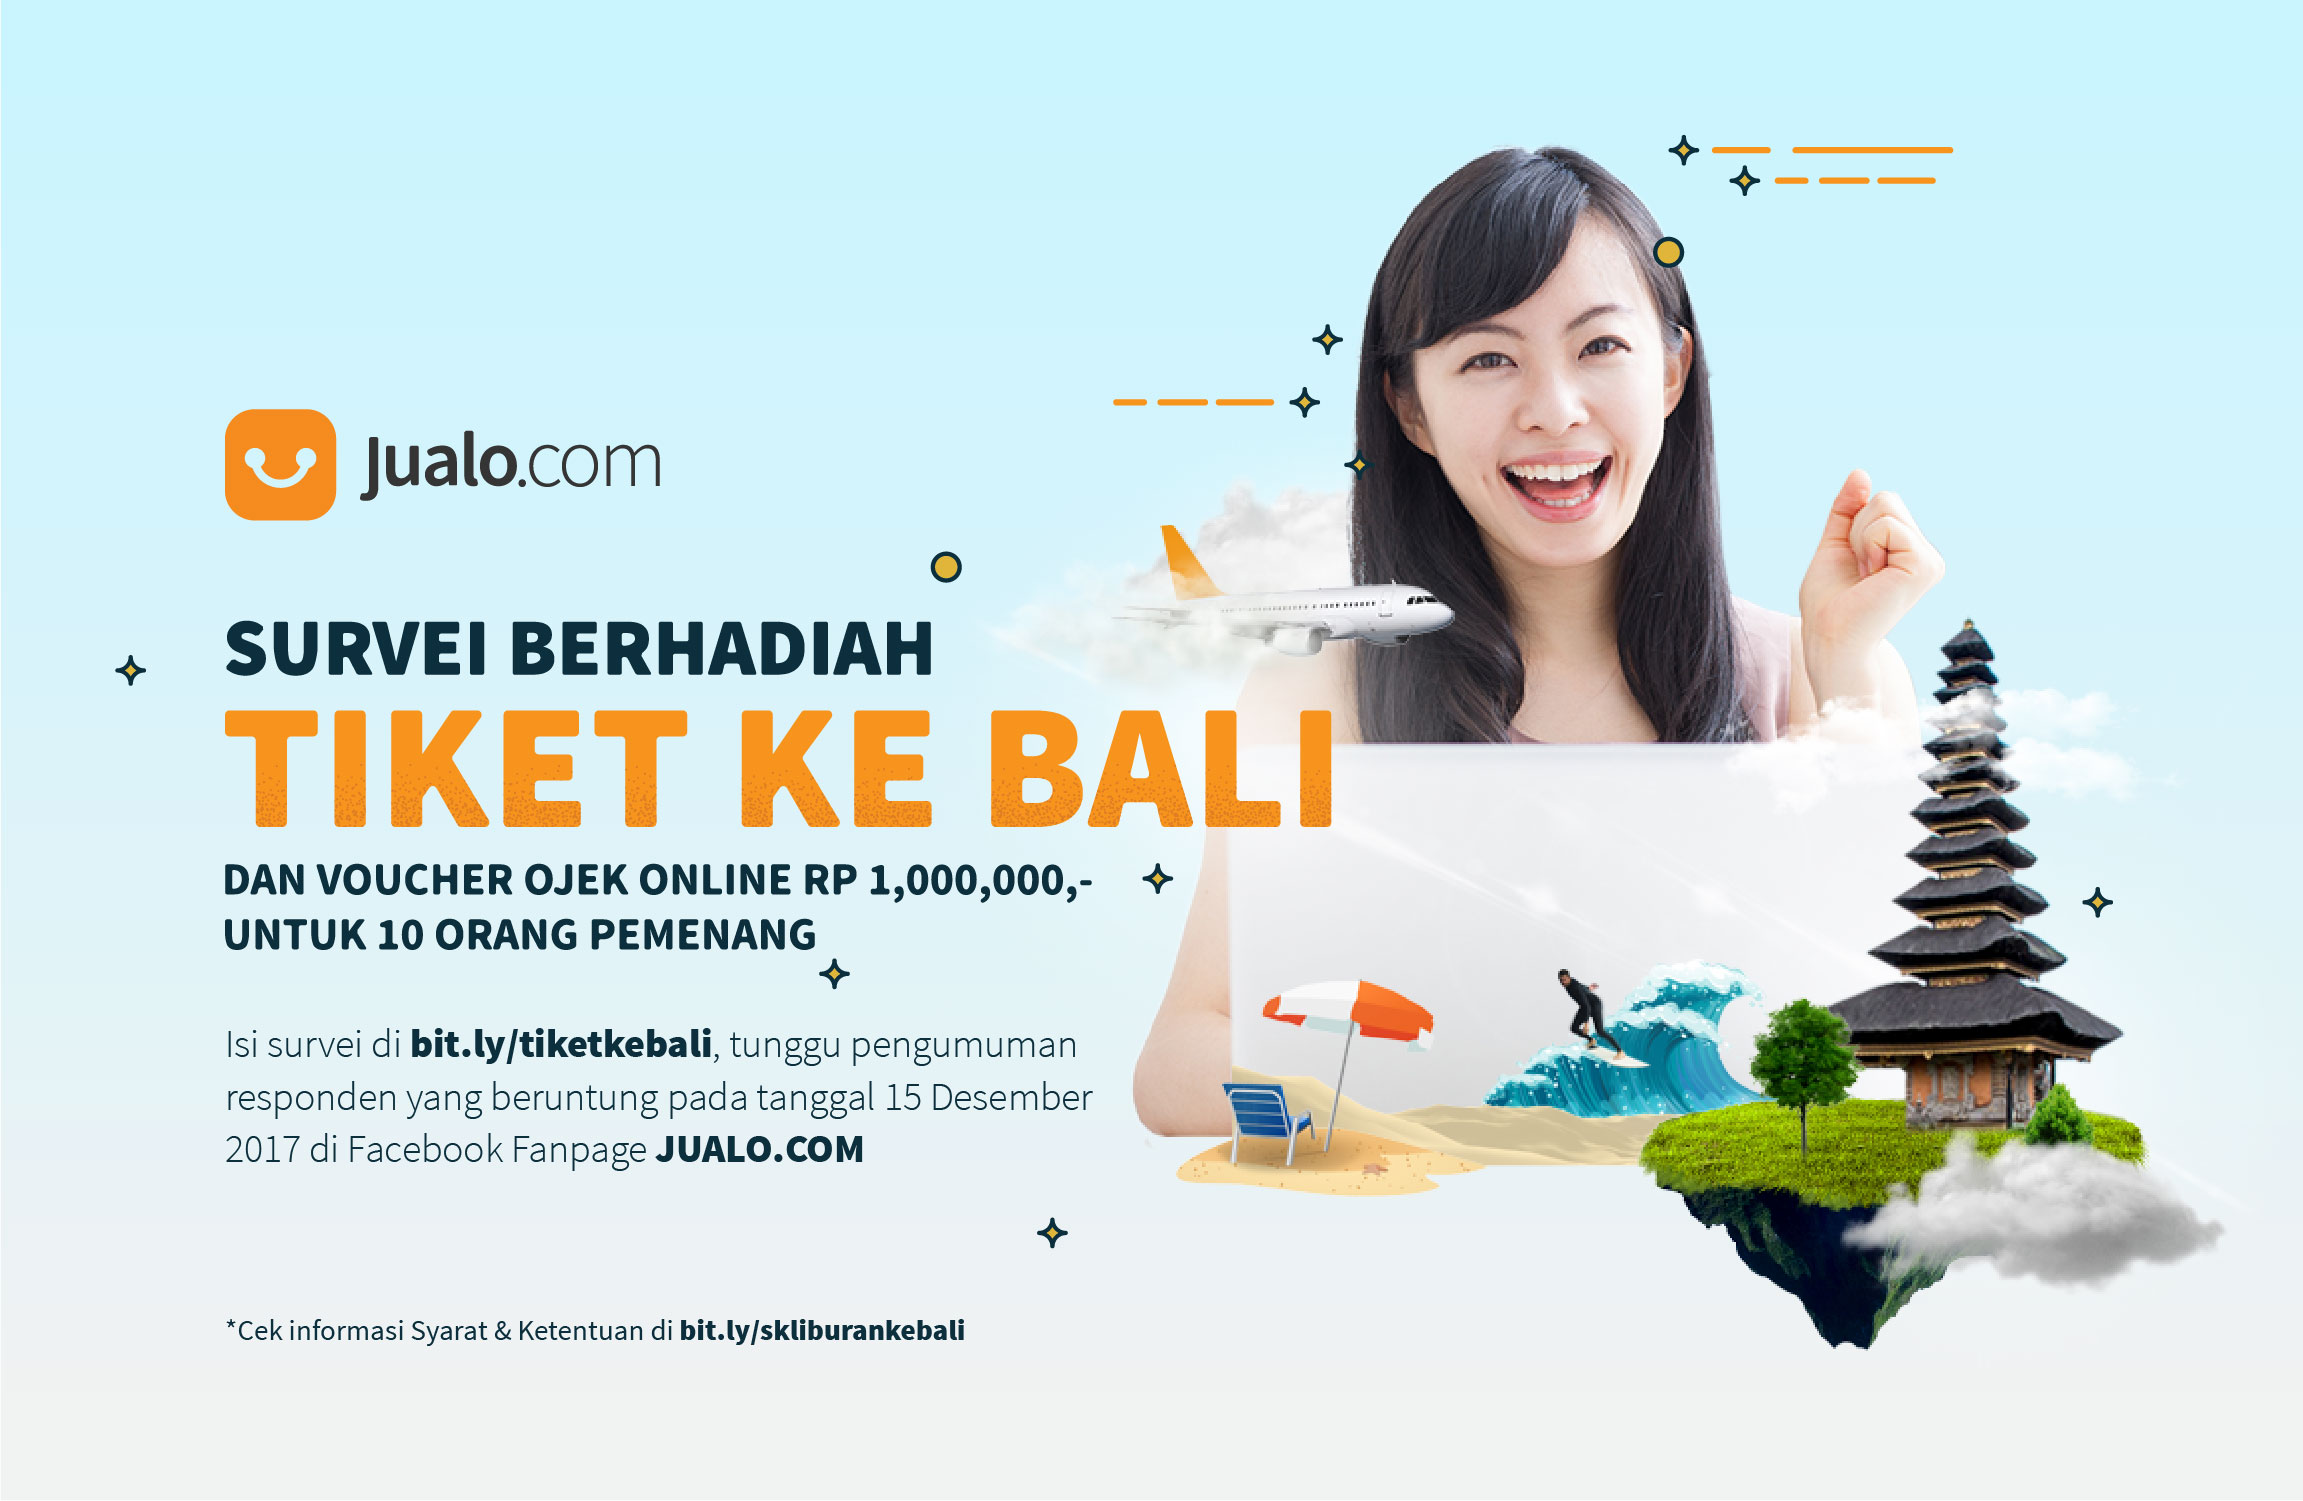 Survei Liburan ke Bali